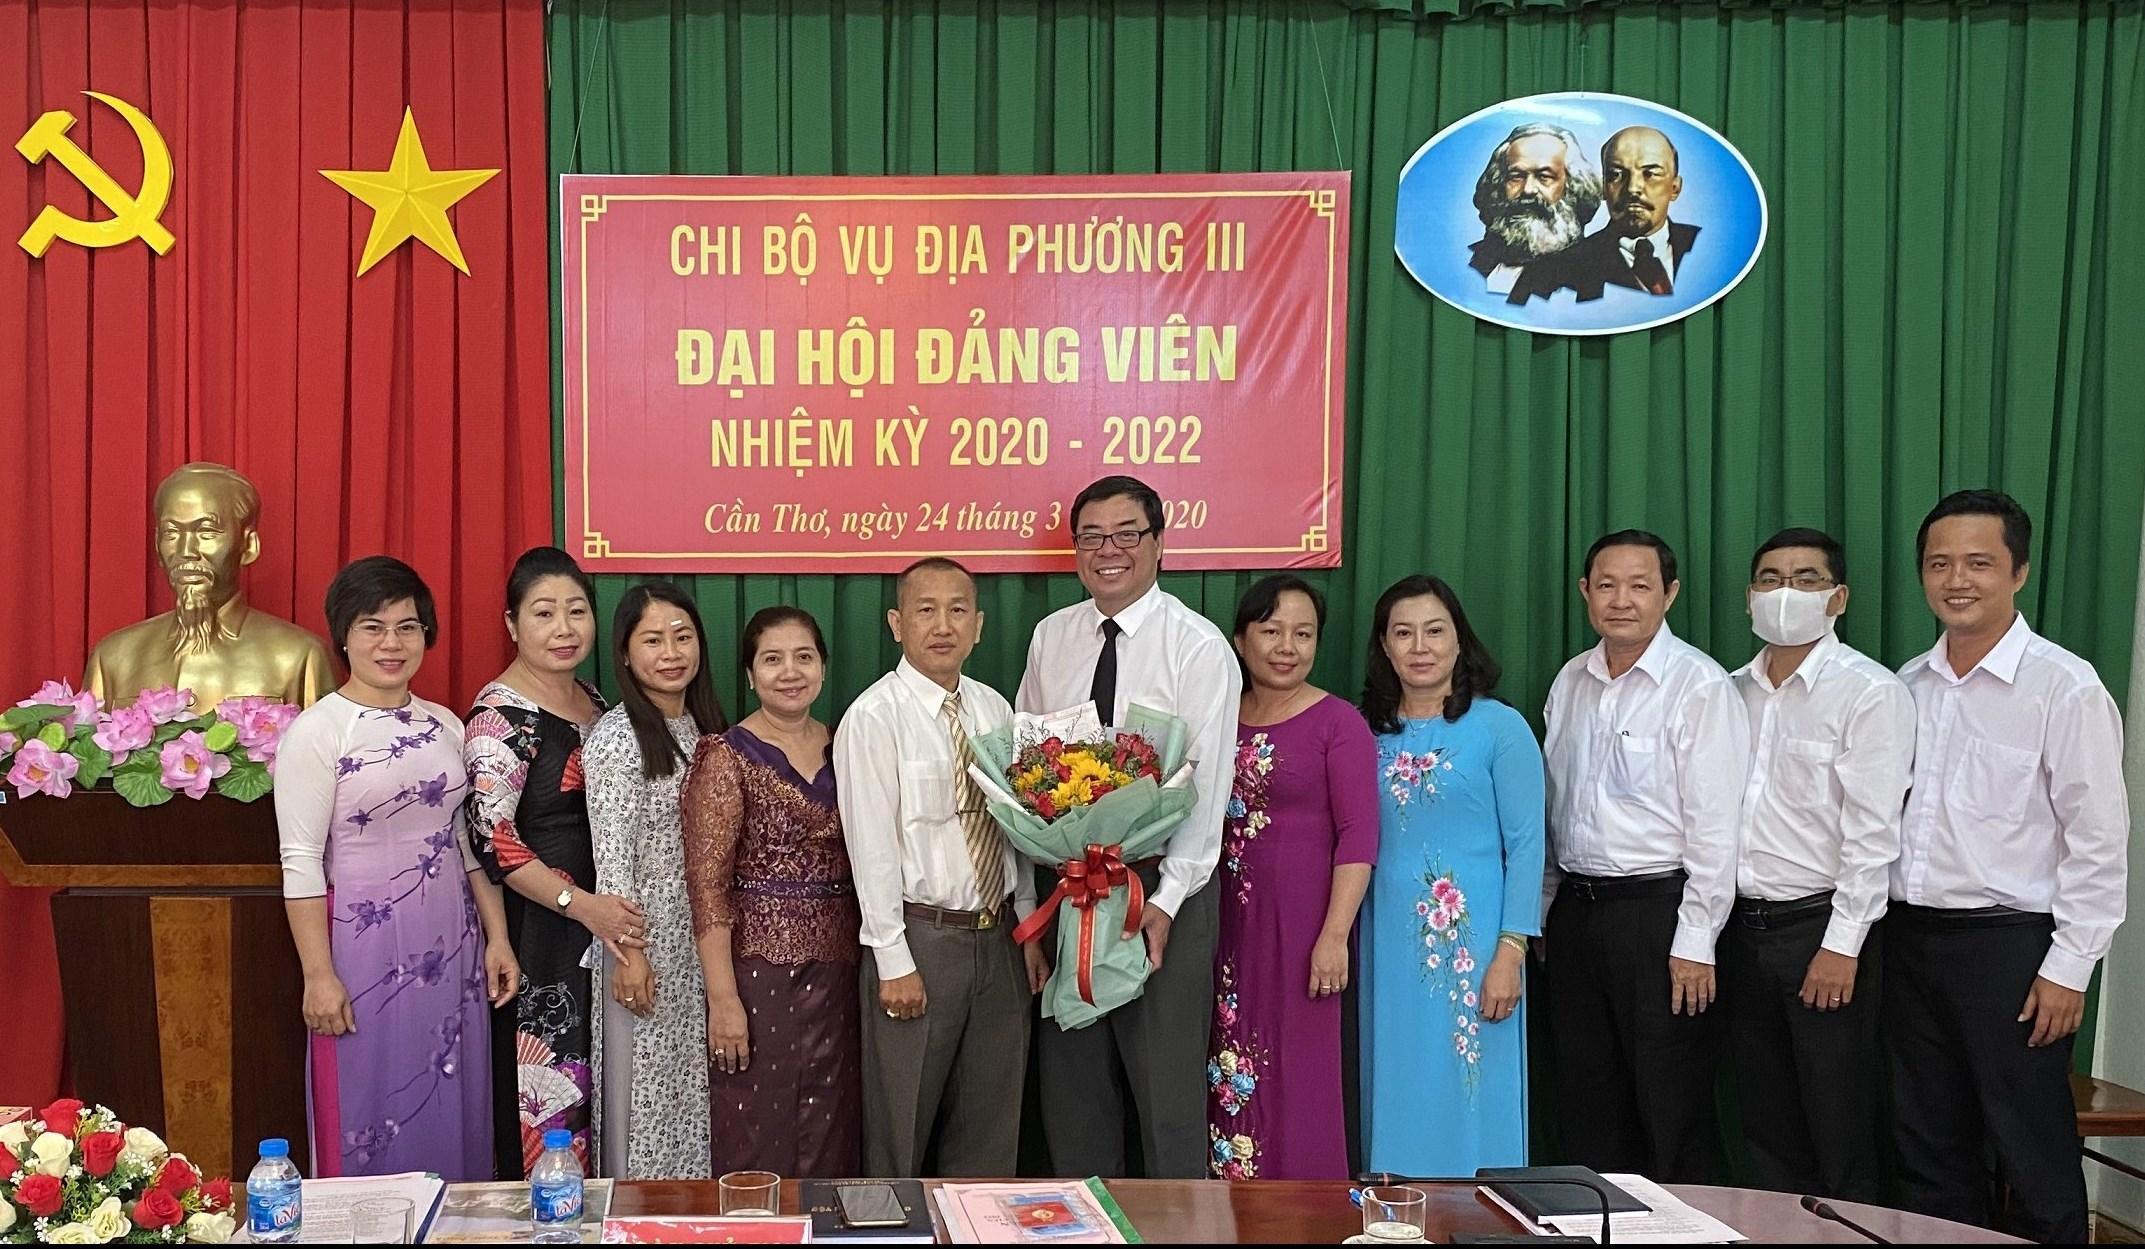 Tập thể đảng viên Chi bộ Vụ Địa phương III chúc mừng Các đồng chí trong Ban chi ủy khóa mới